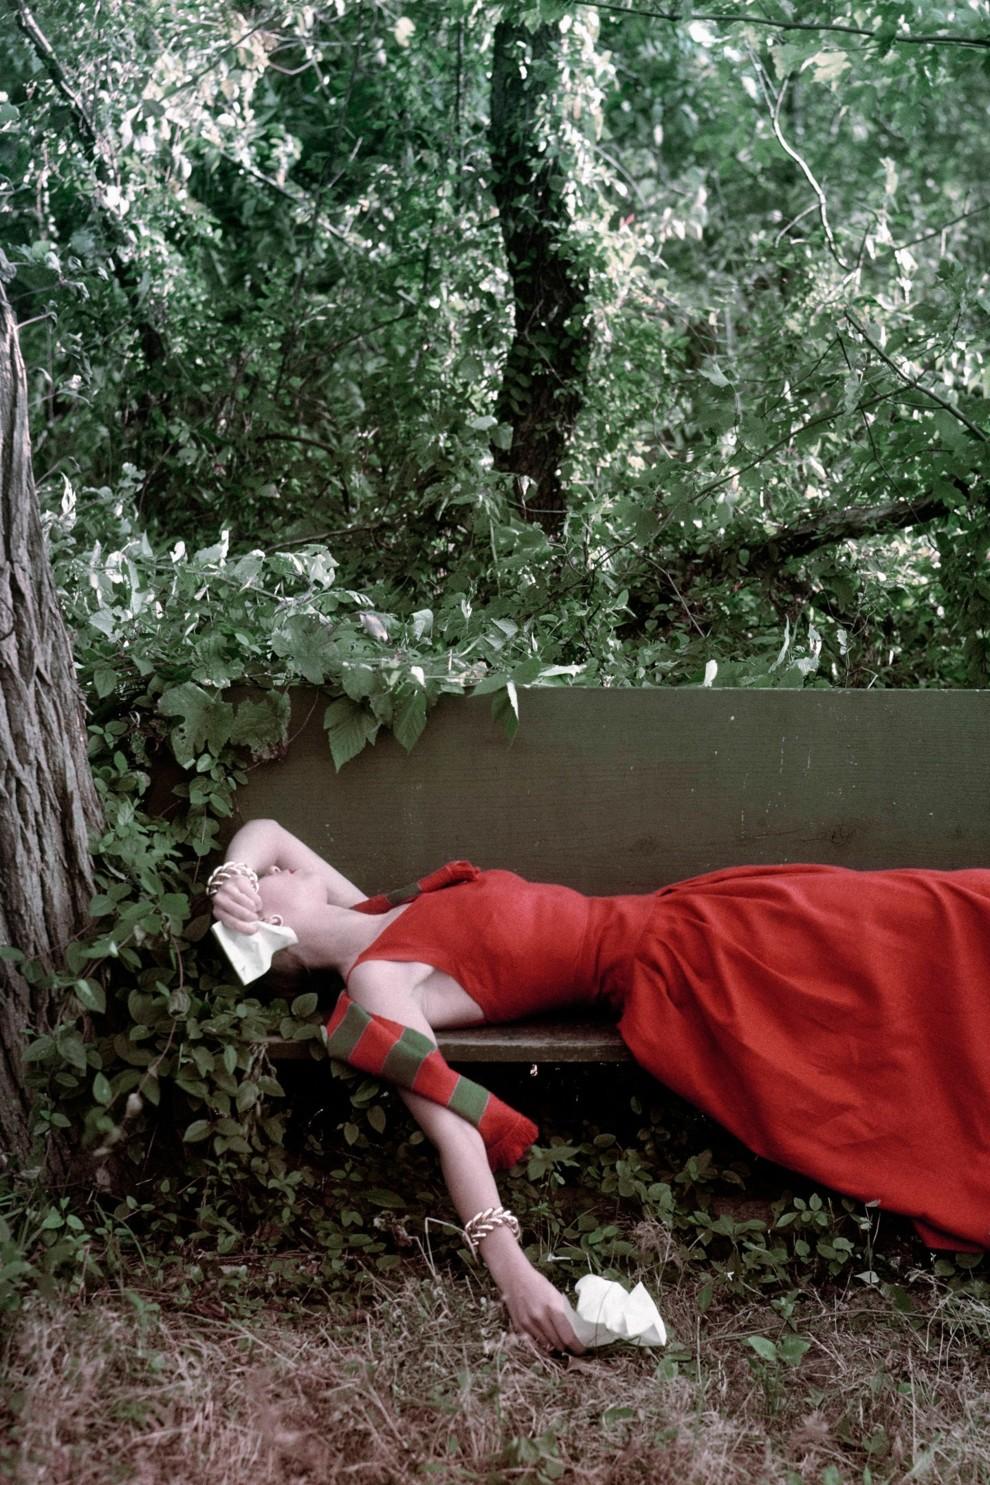 Модель лежит на скамейке в красном длинном платье с салфетками в руках.